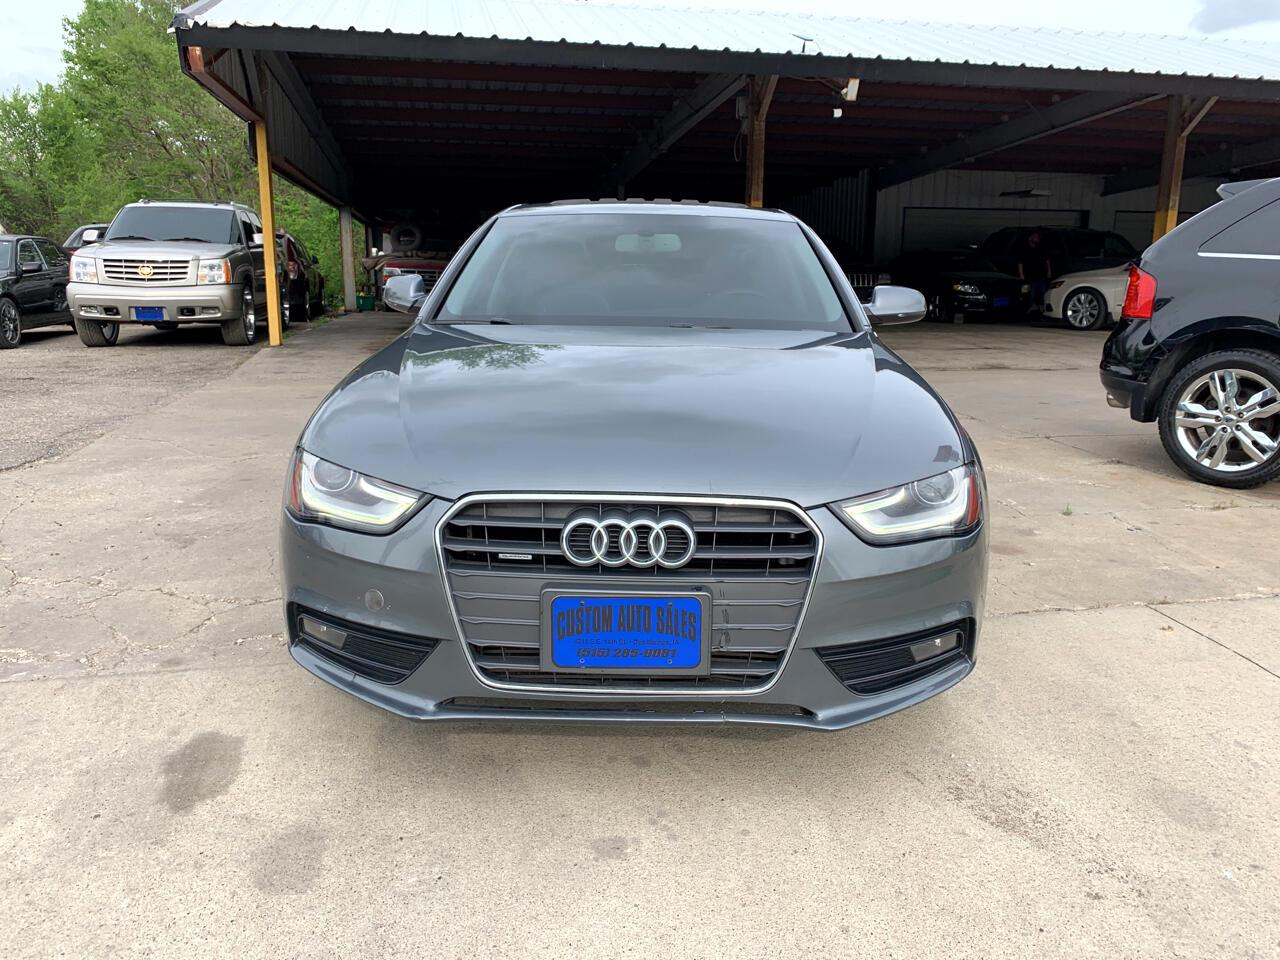 Audi A4 4dr Sdn Auto quattro 2.0T Premium Plus 2013